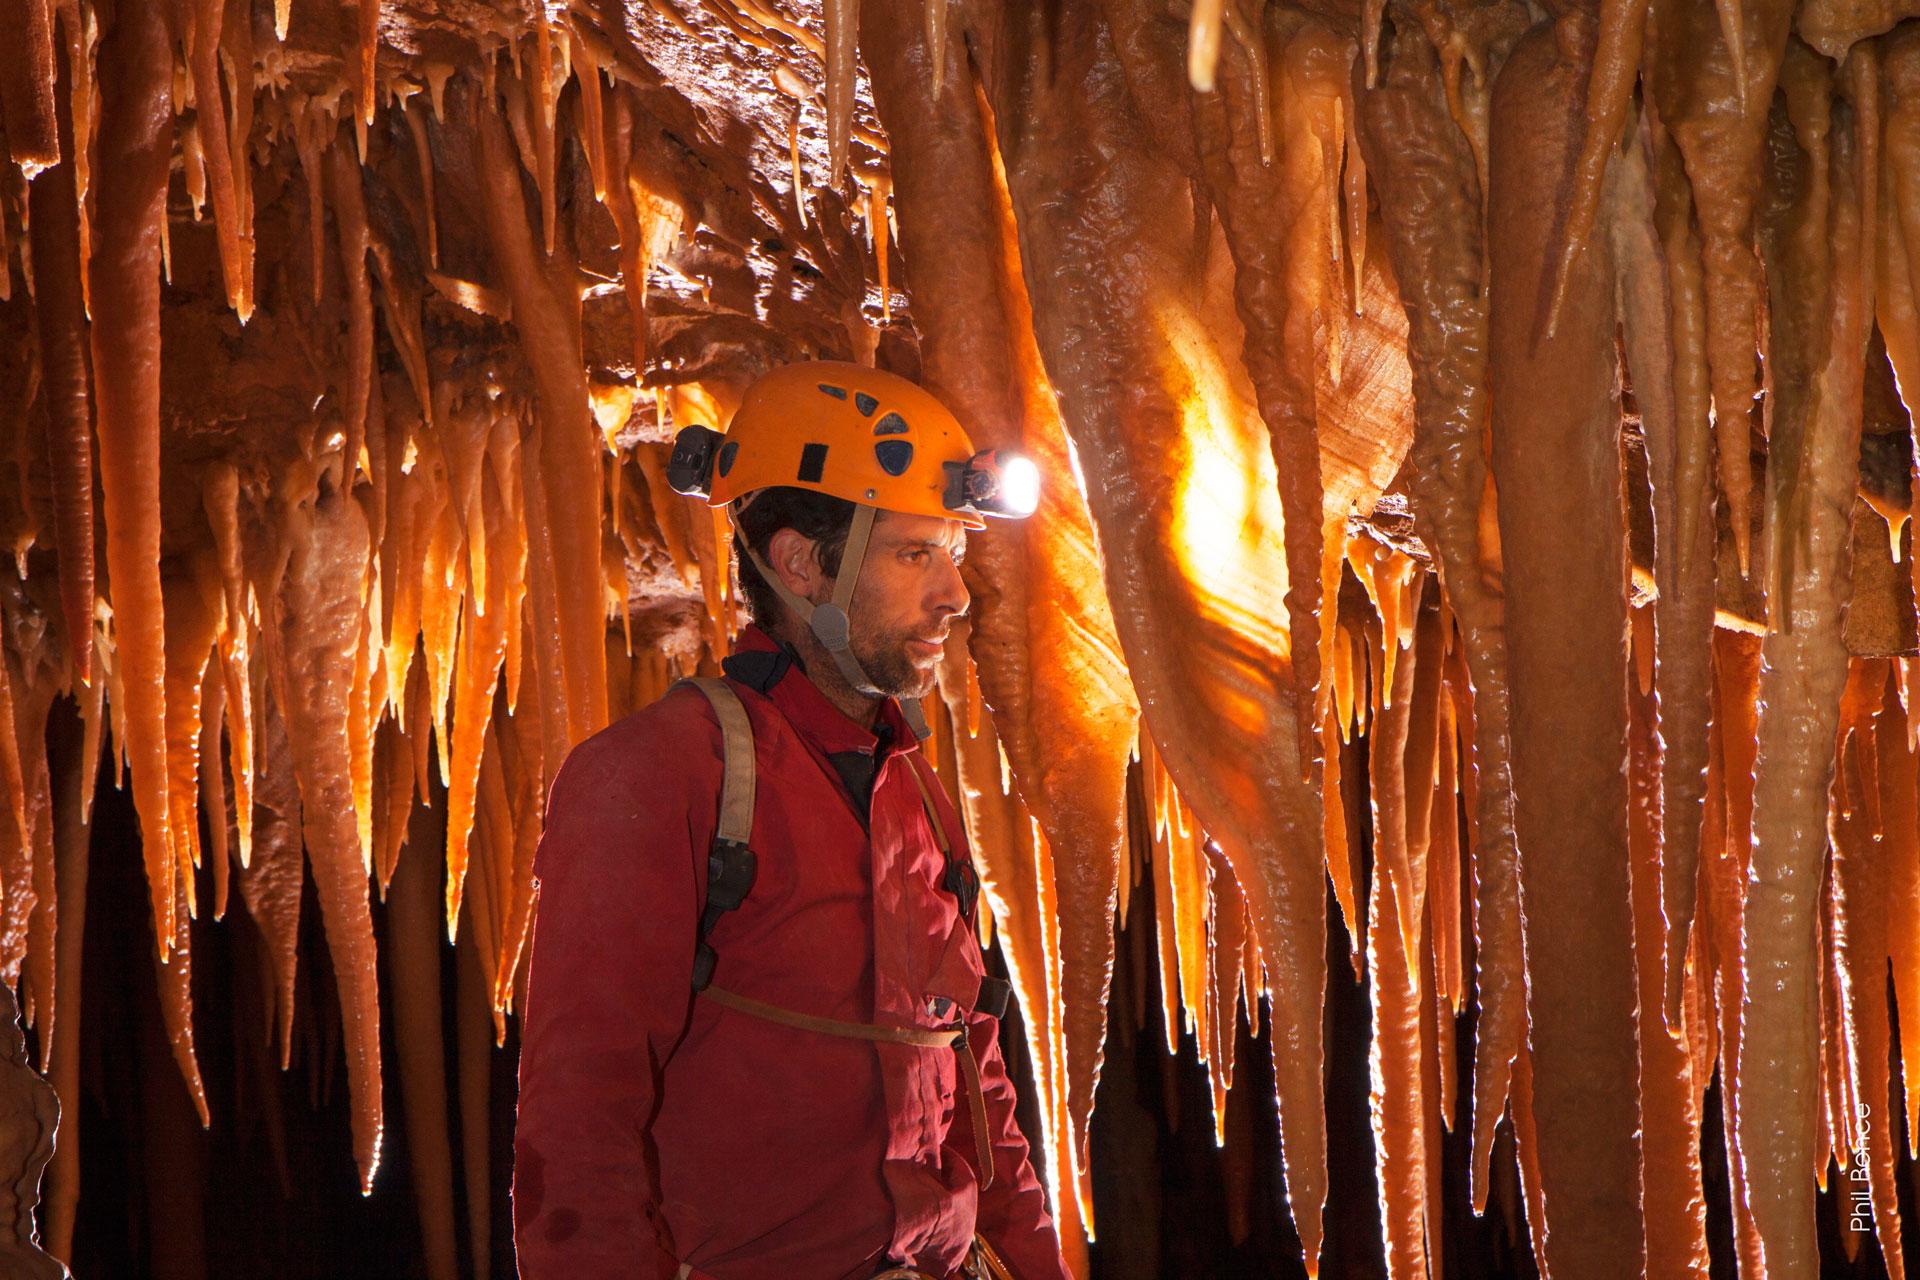 Spéléologie en Ariège Pyrénées, magnifique stalactites à la grotte de l'Ermite en Ariège Pyrénées - Vertikarst © Phil Bence